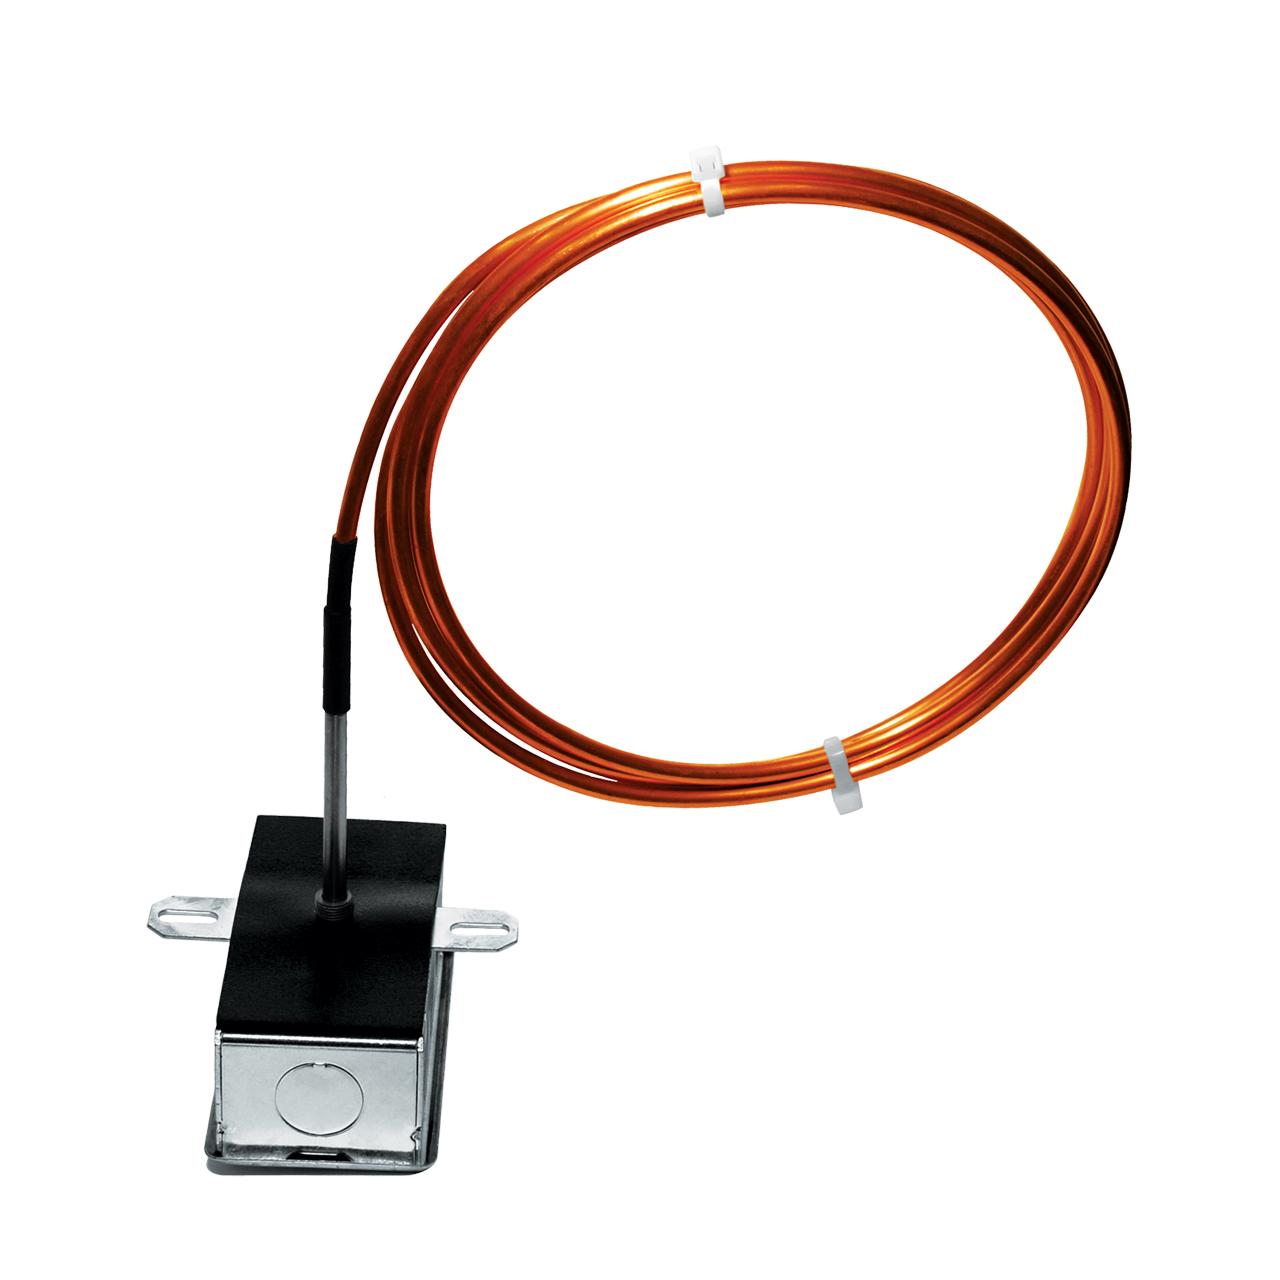 carrier-NSA-COP-AVG-copper-averaging-sensor-b